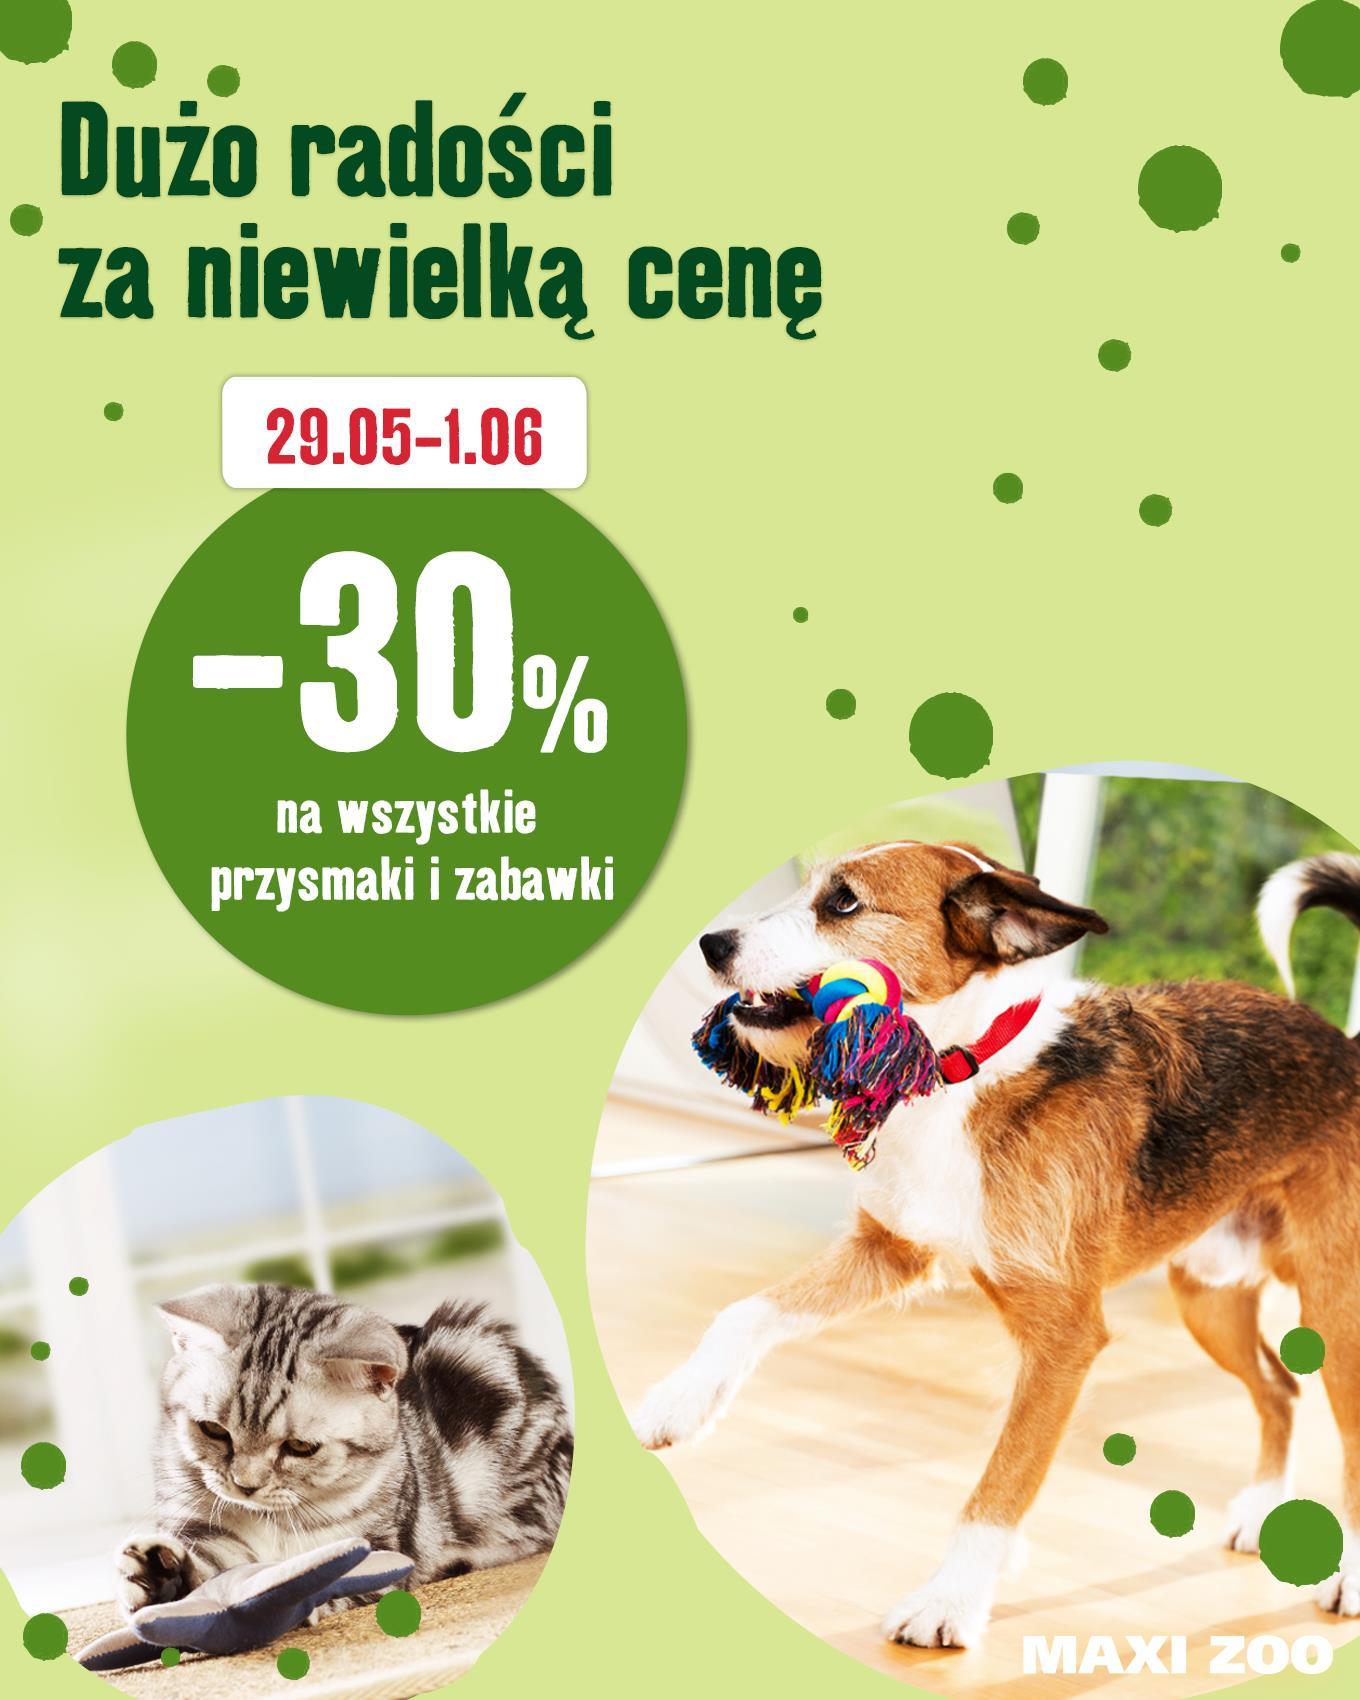 Maxi Zoo - wszystkie przysmaki i zabawki -30%